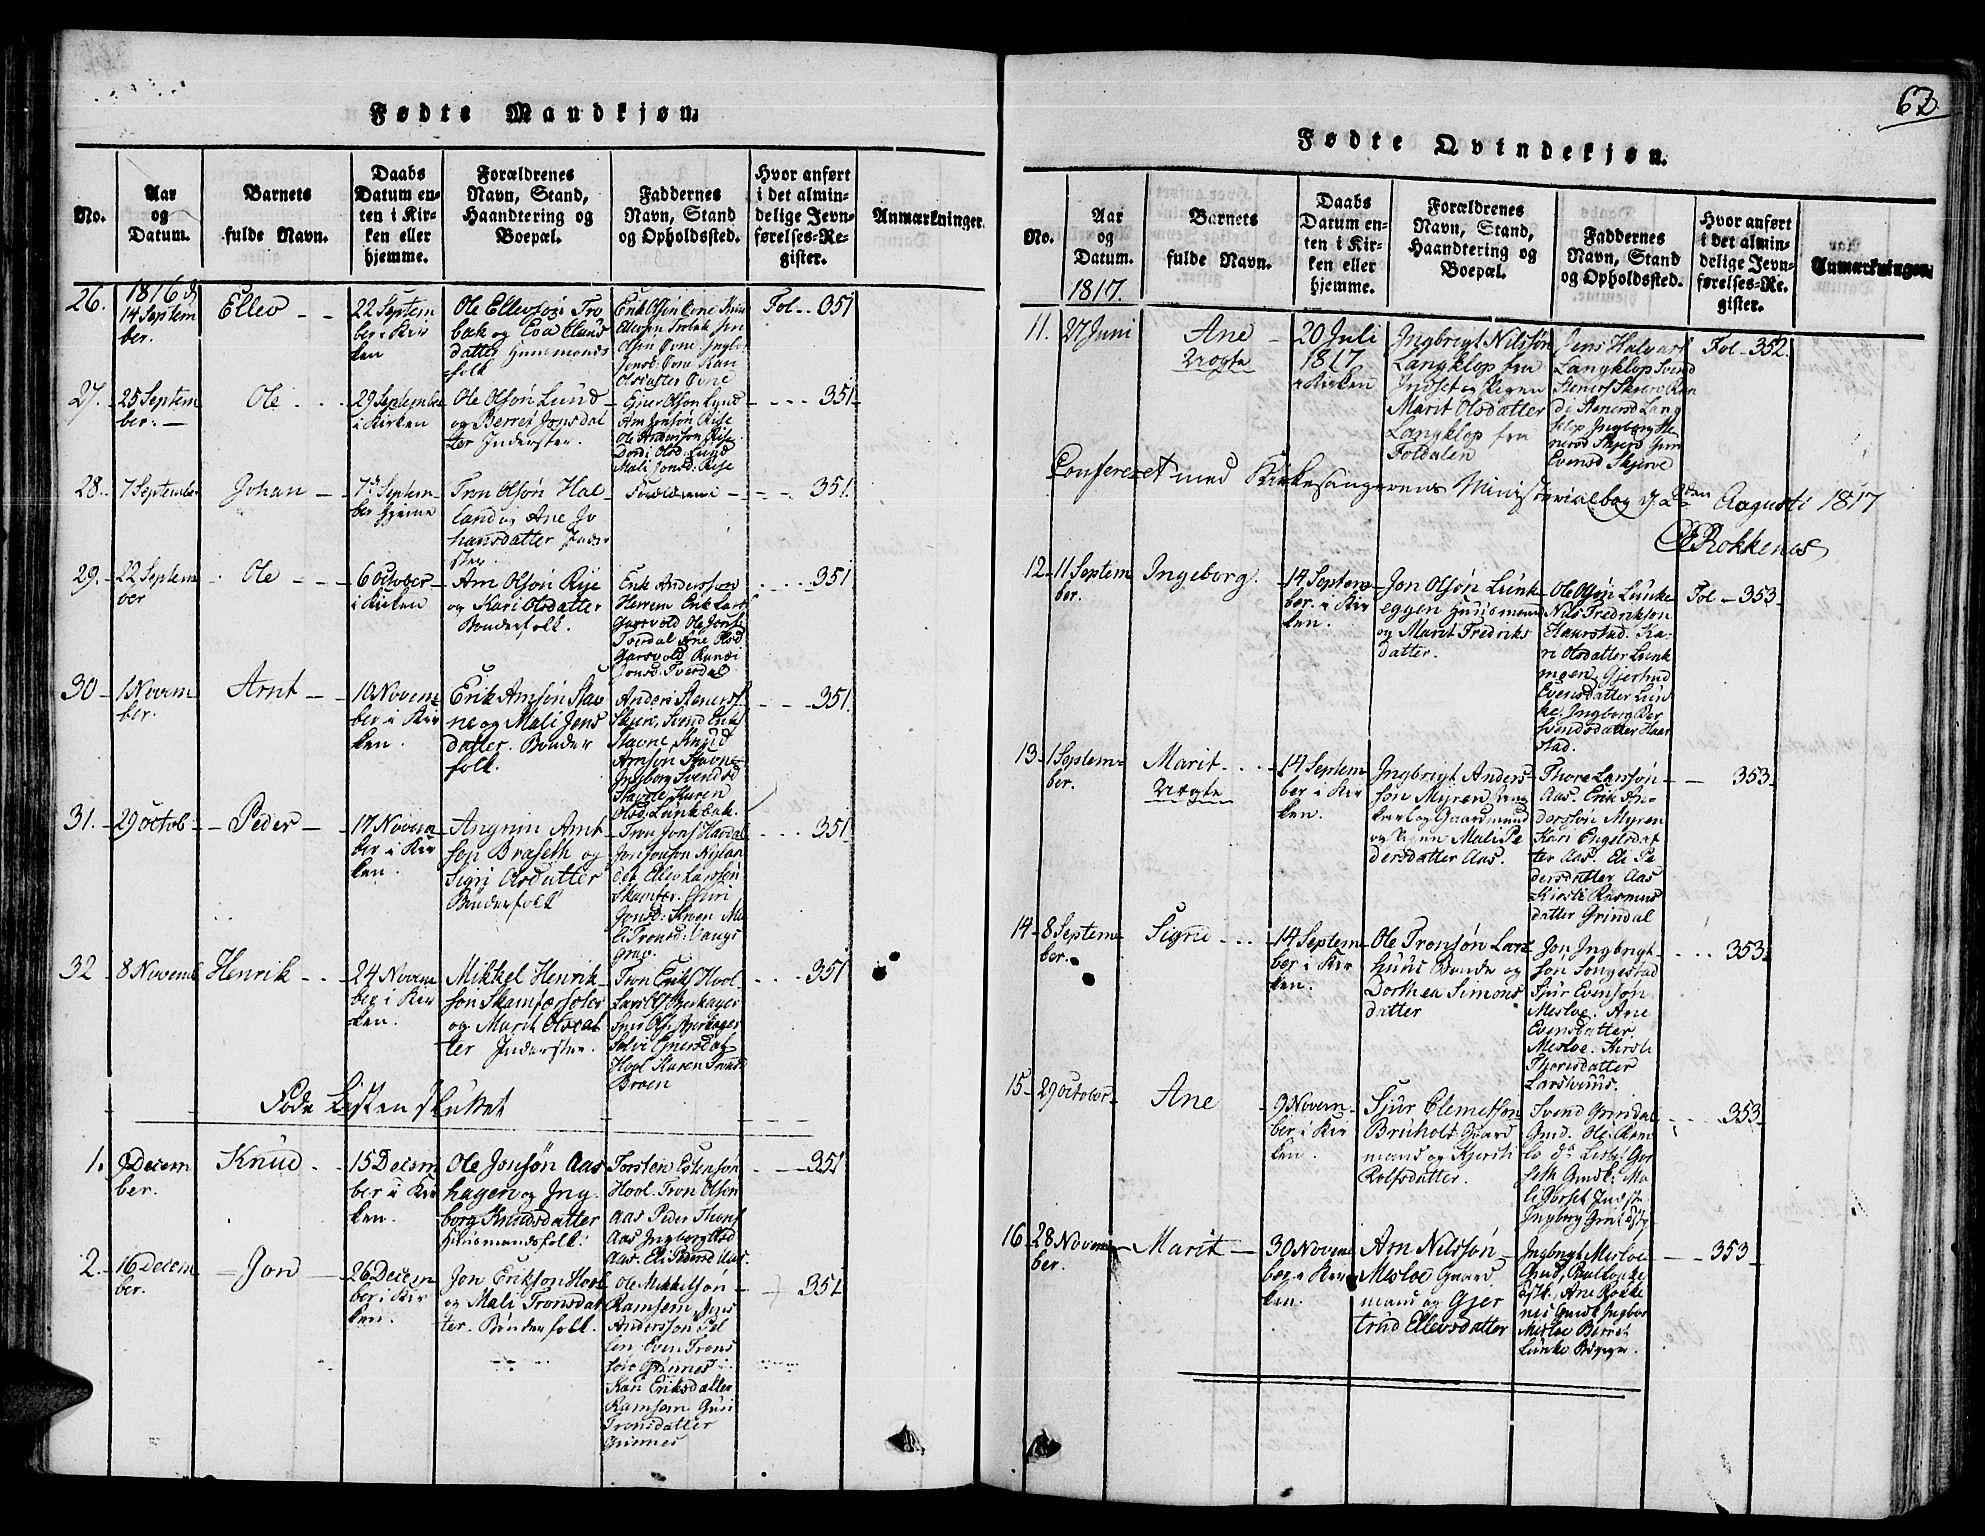 SAT, Ministerialprotokoller, klokkerbøker og fødselsregistre - Sør-Trøndelag, 672/L0854: Ministerialbok nr. 672A06 /2, 1816-1829, s. 62